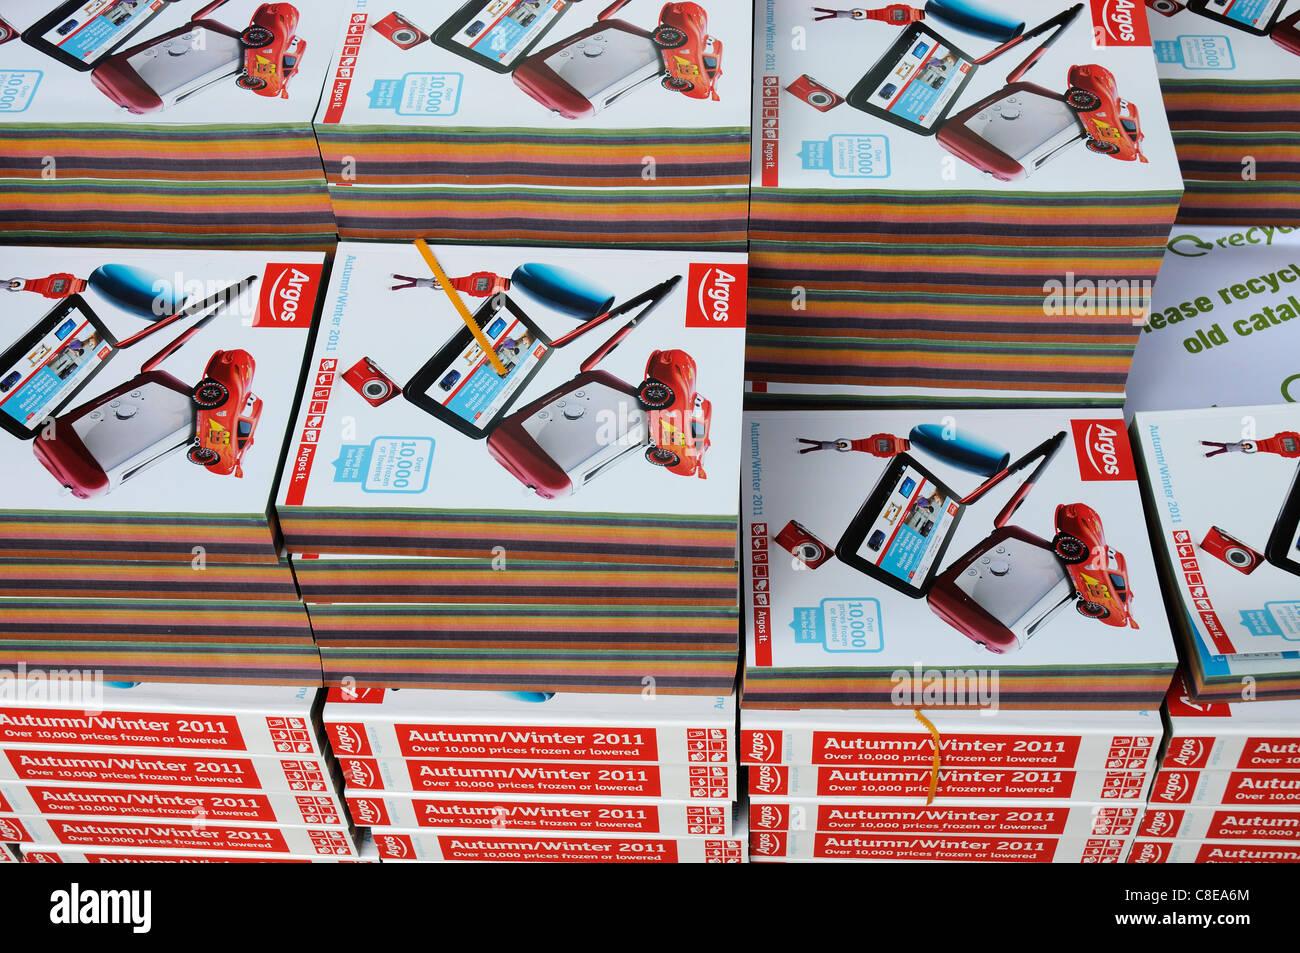 Un mucchio di Argos cataloghi Immagini Stock